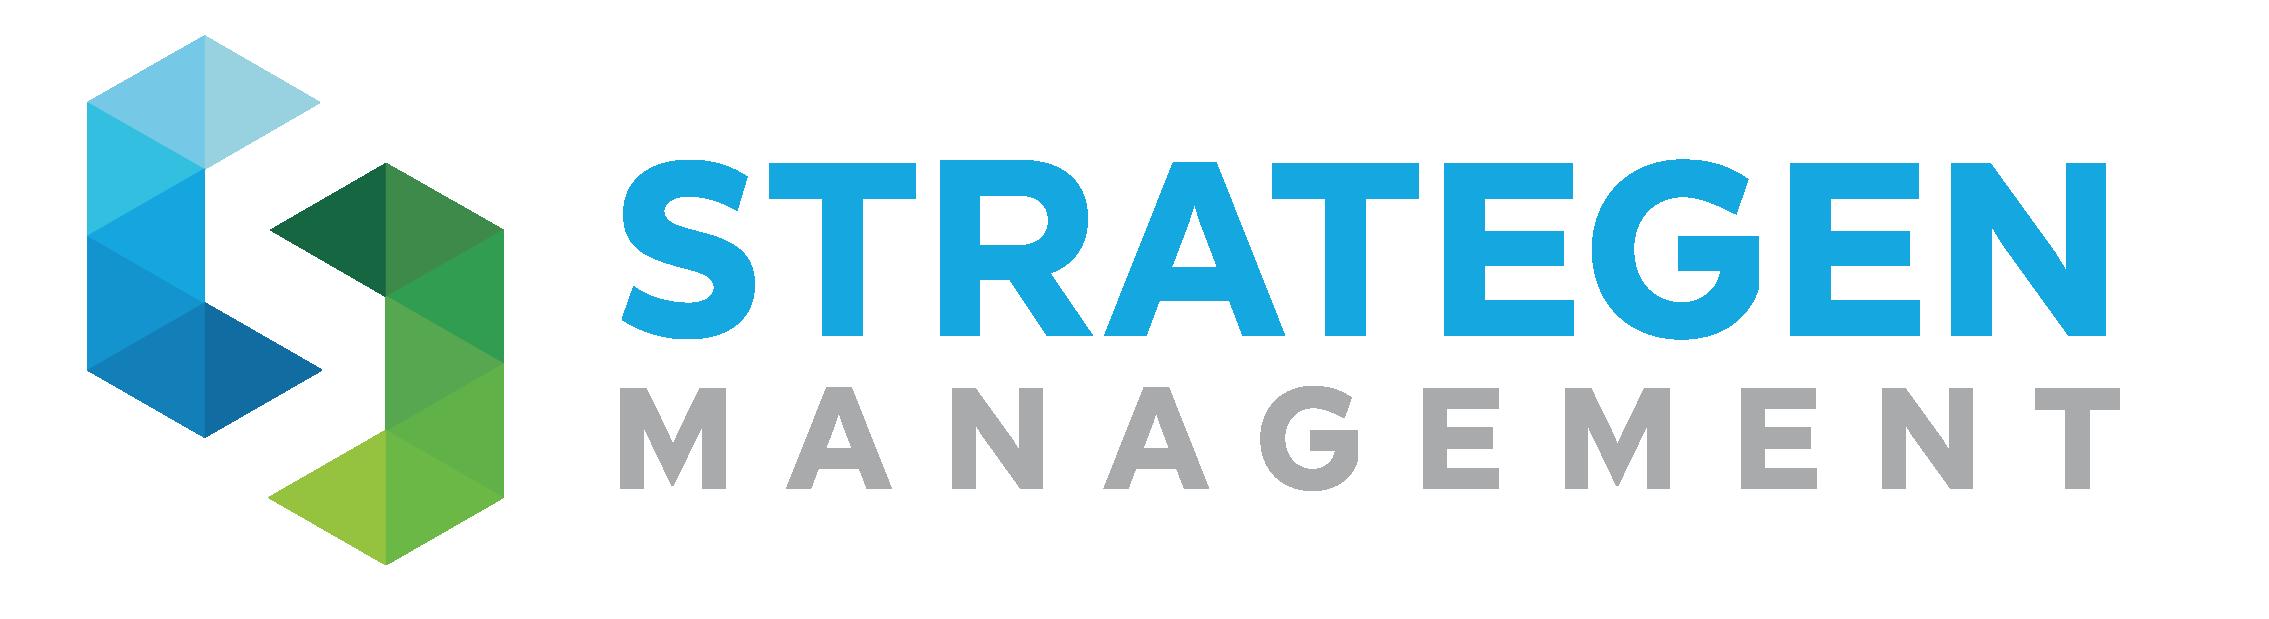 Strategen Management PNG-No Background.png